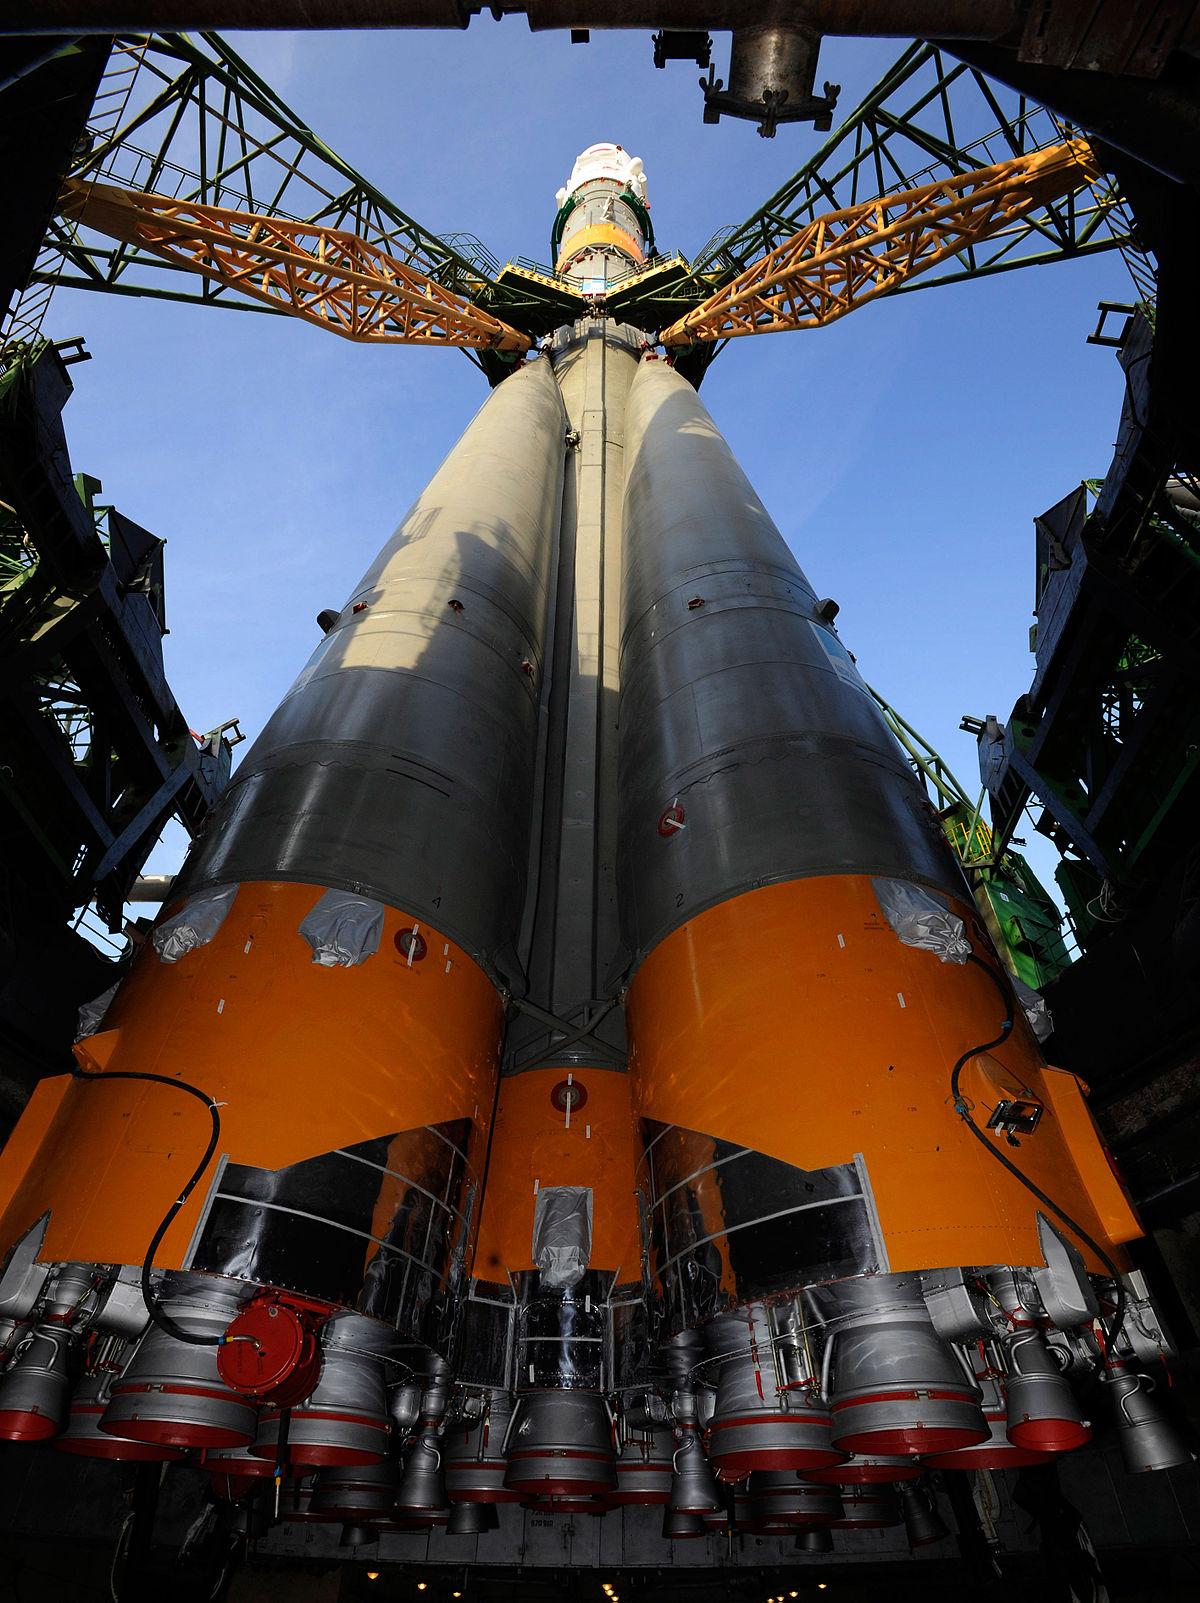 Soyuz (spacecraft) - Wikipedia